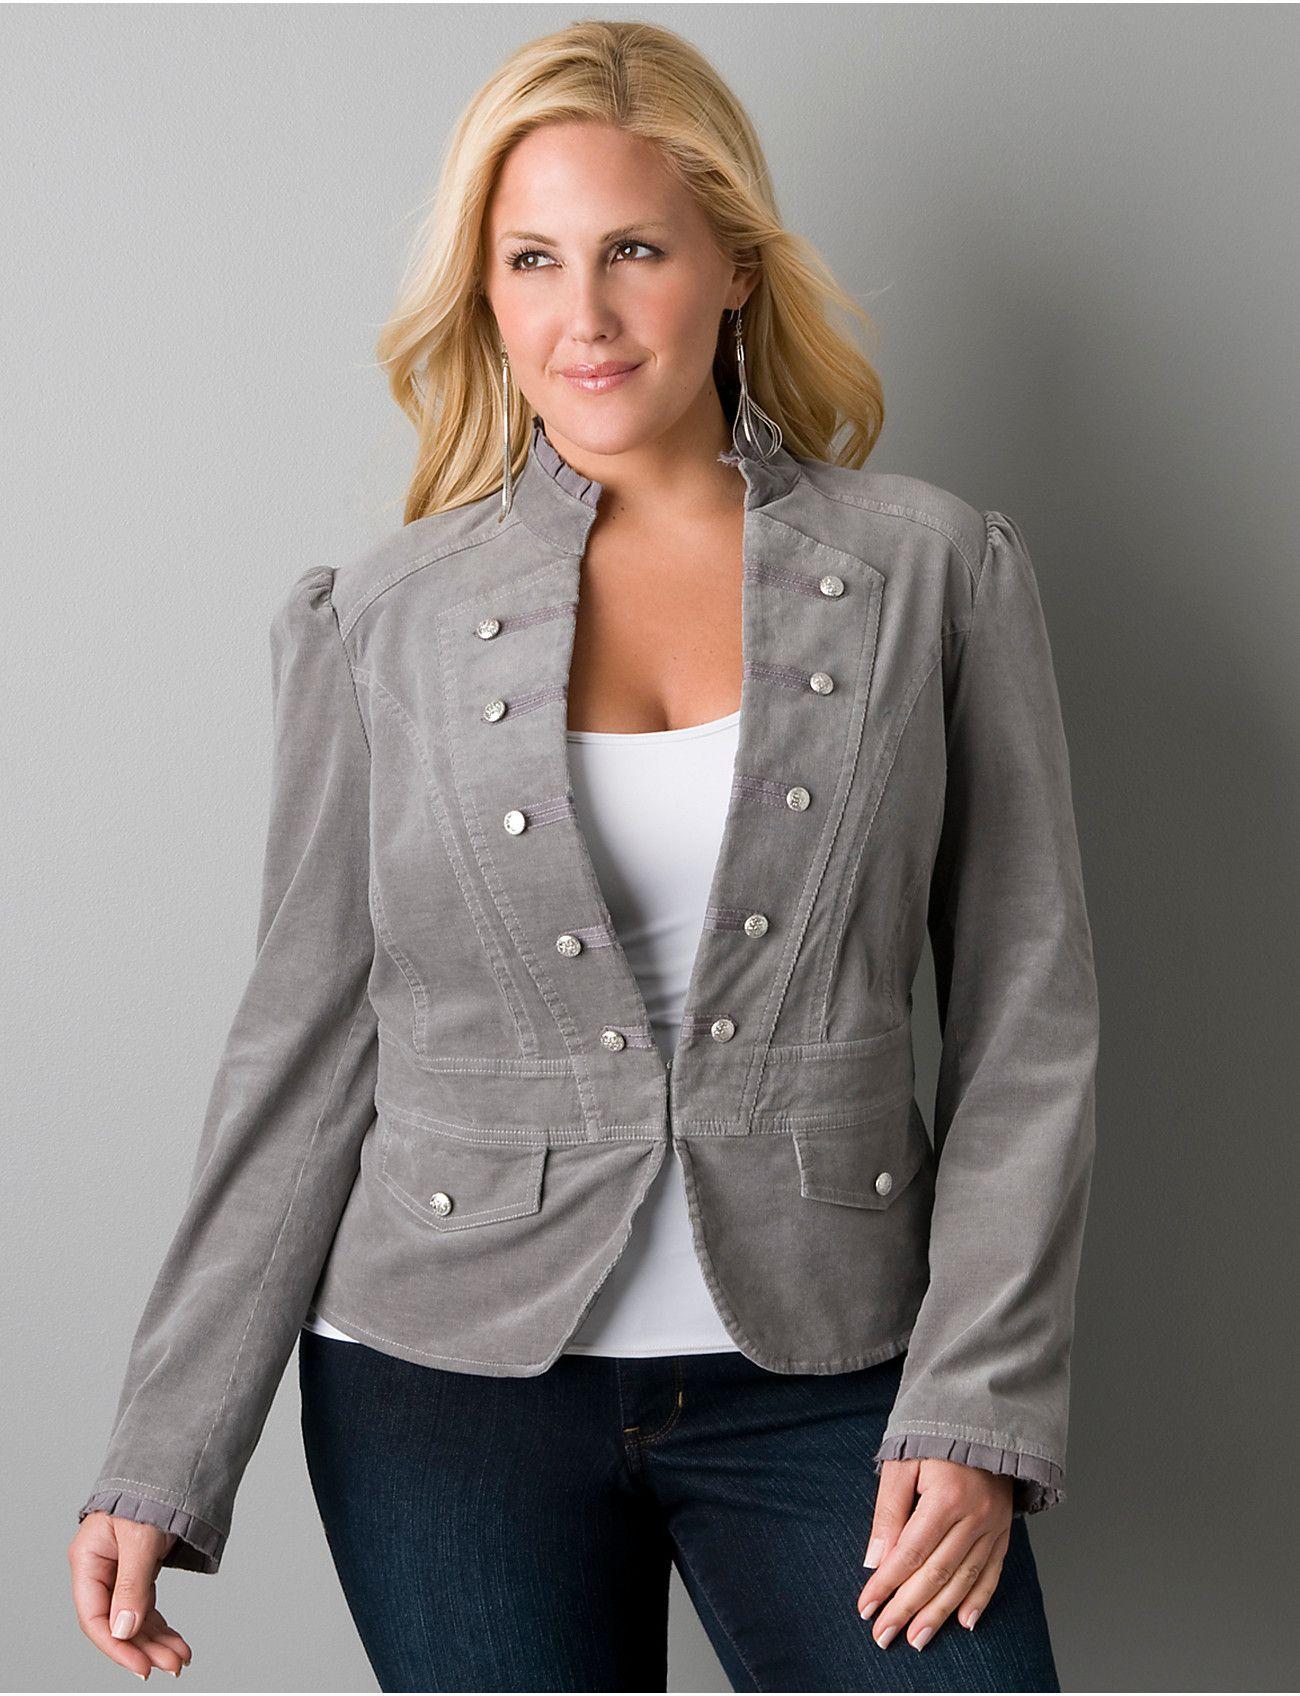 Corduroy Military Jacket Plus Size Fashion Full Figure Fashion Military Style Jacket Womens [ 1696 x 1300 Pixel ]